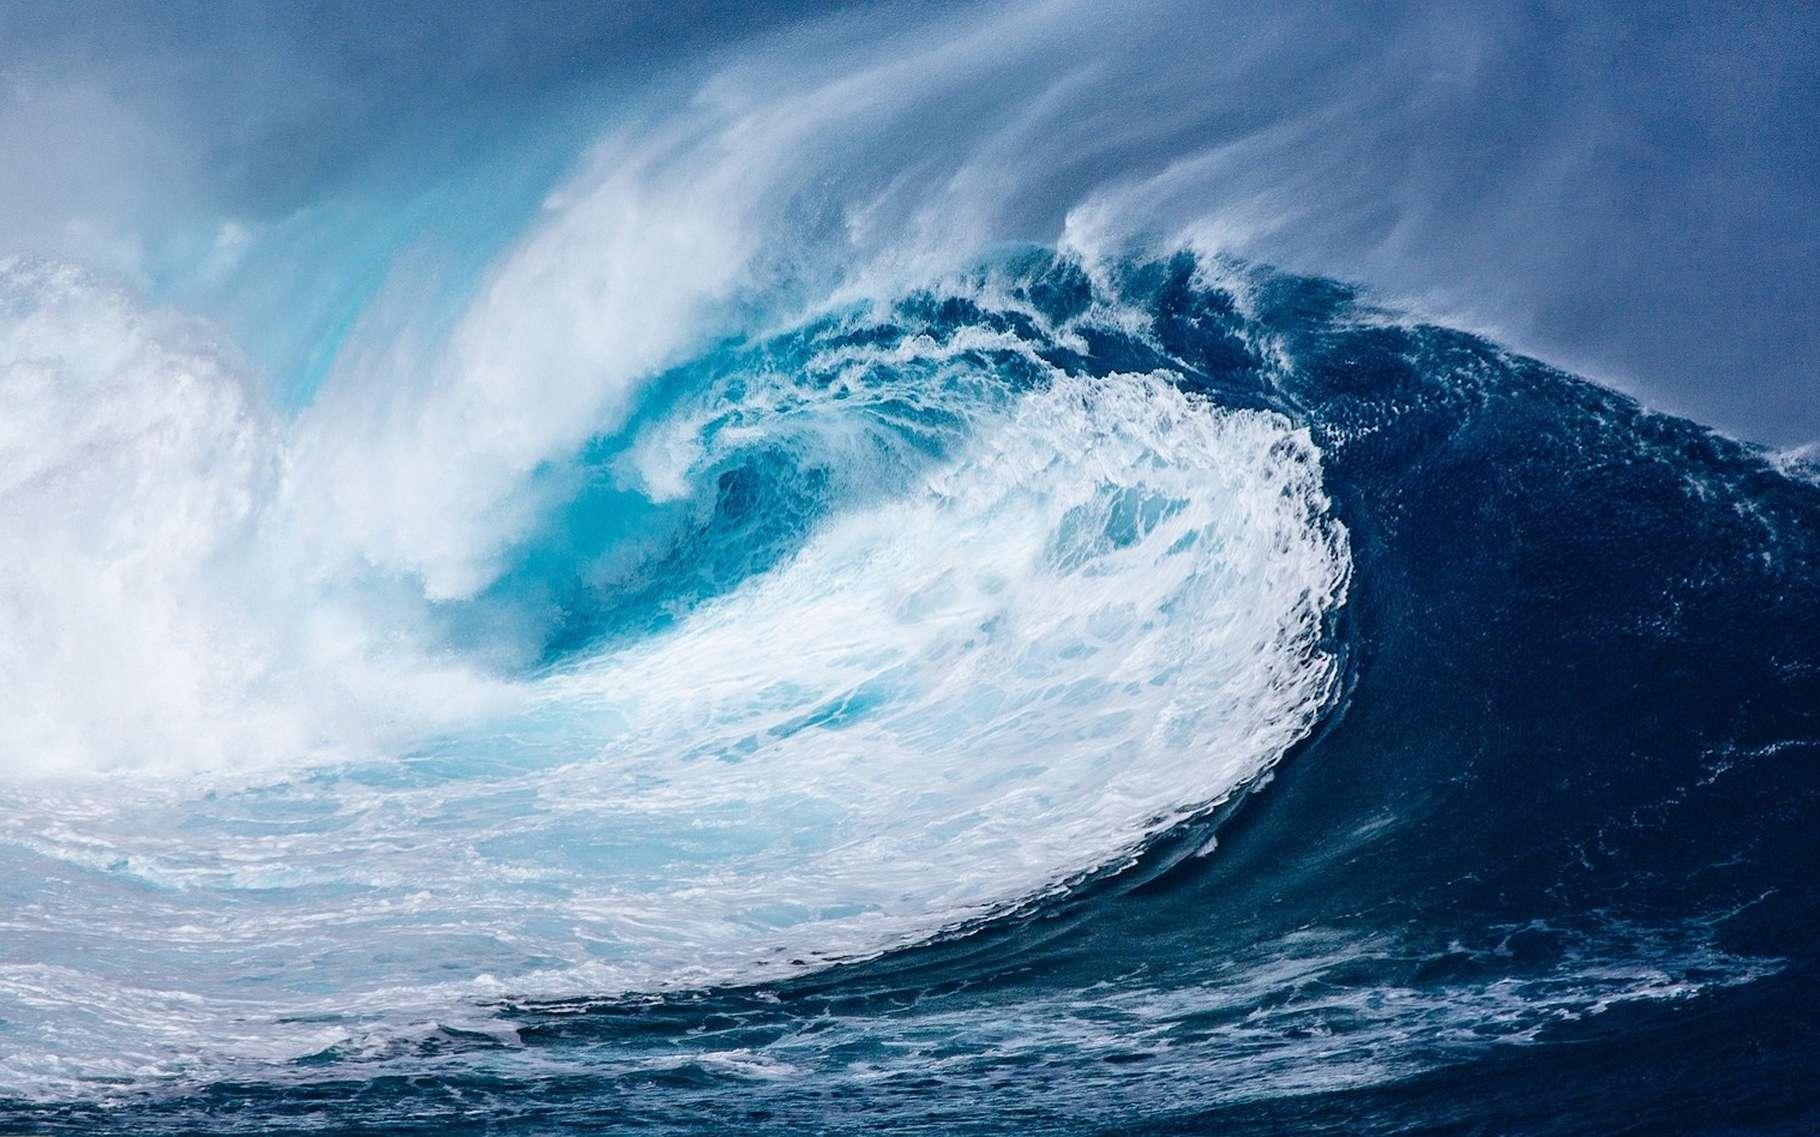 Des chercheurs pensent que le ralentissement de la circulation océanique méridienne dans l'Atlantique pourrait entraîner une chute des températures en Europe et, à l'inverse, un réchauffement des eaux de la côte est des États-Unis. © NeuPaddy, Pixabay, CC0 Creative Commons